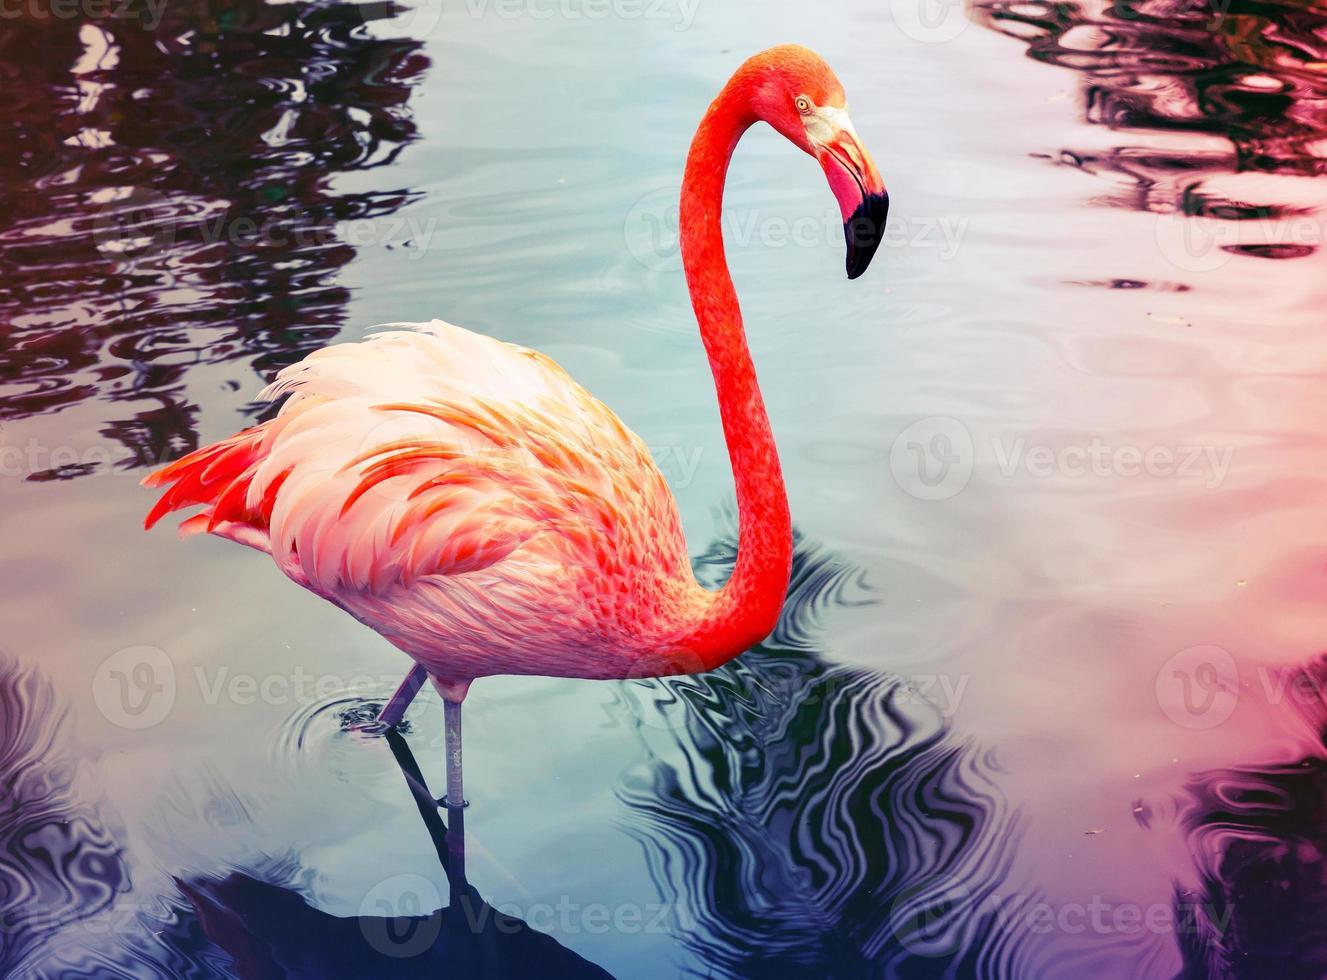 flamenco rosado camina en el agua con reflejos foto